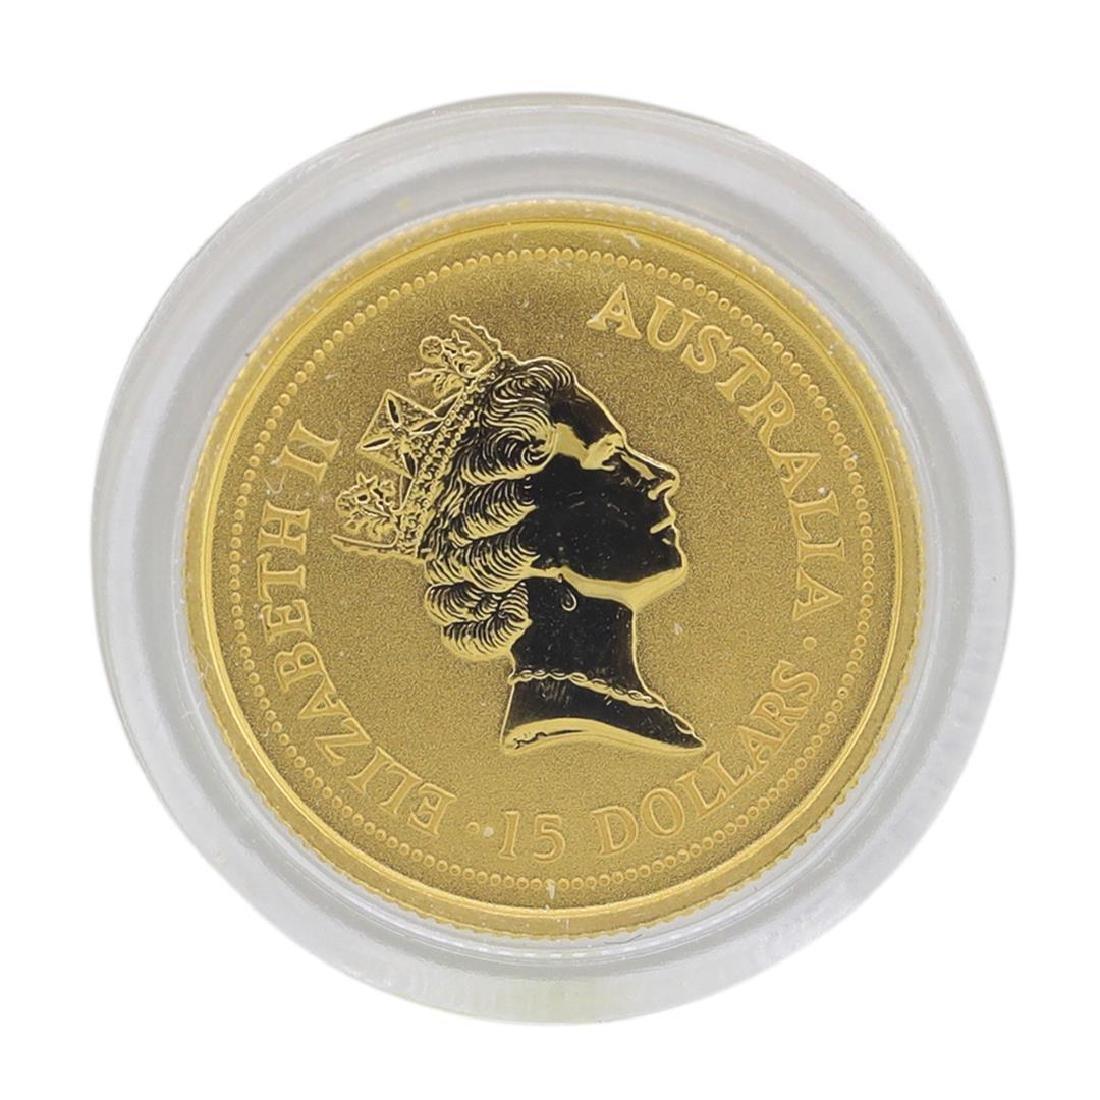 1998 $15 Australia Lunar Year of the Tiger 1/10 oz. - 2